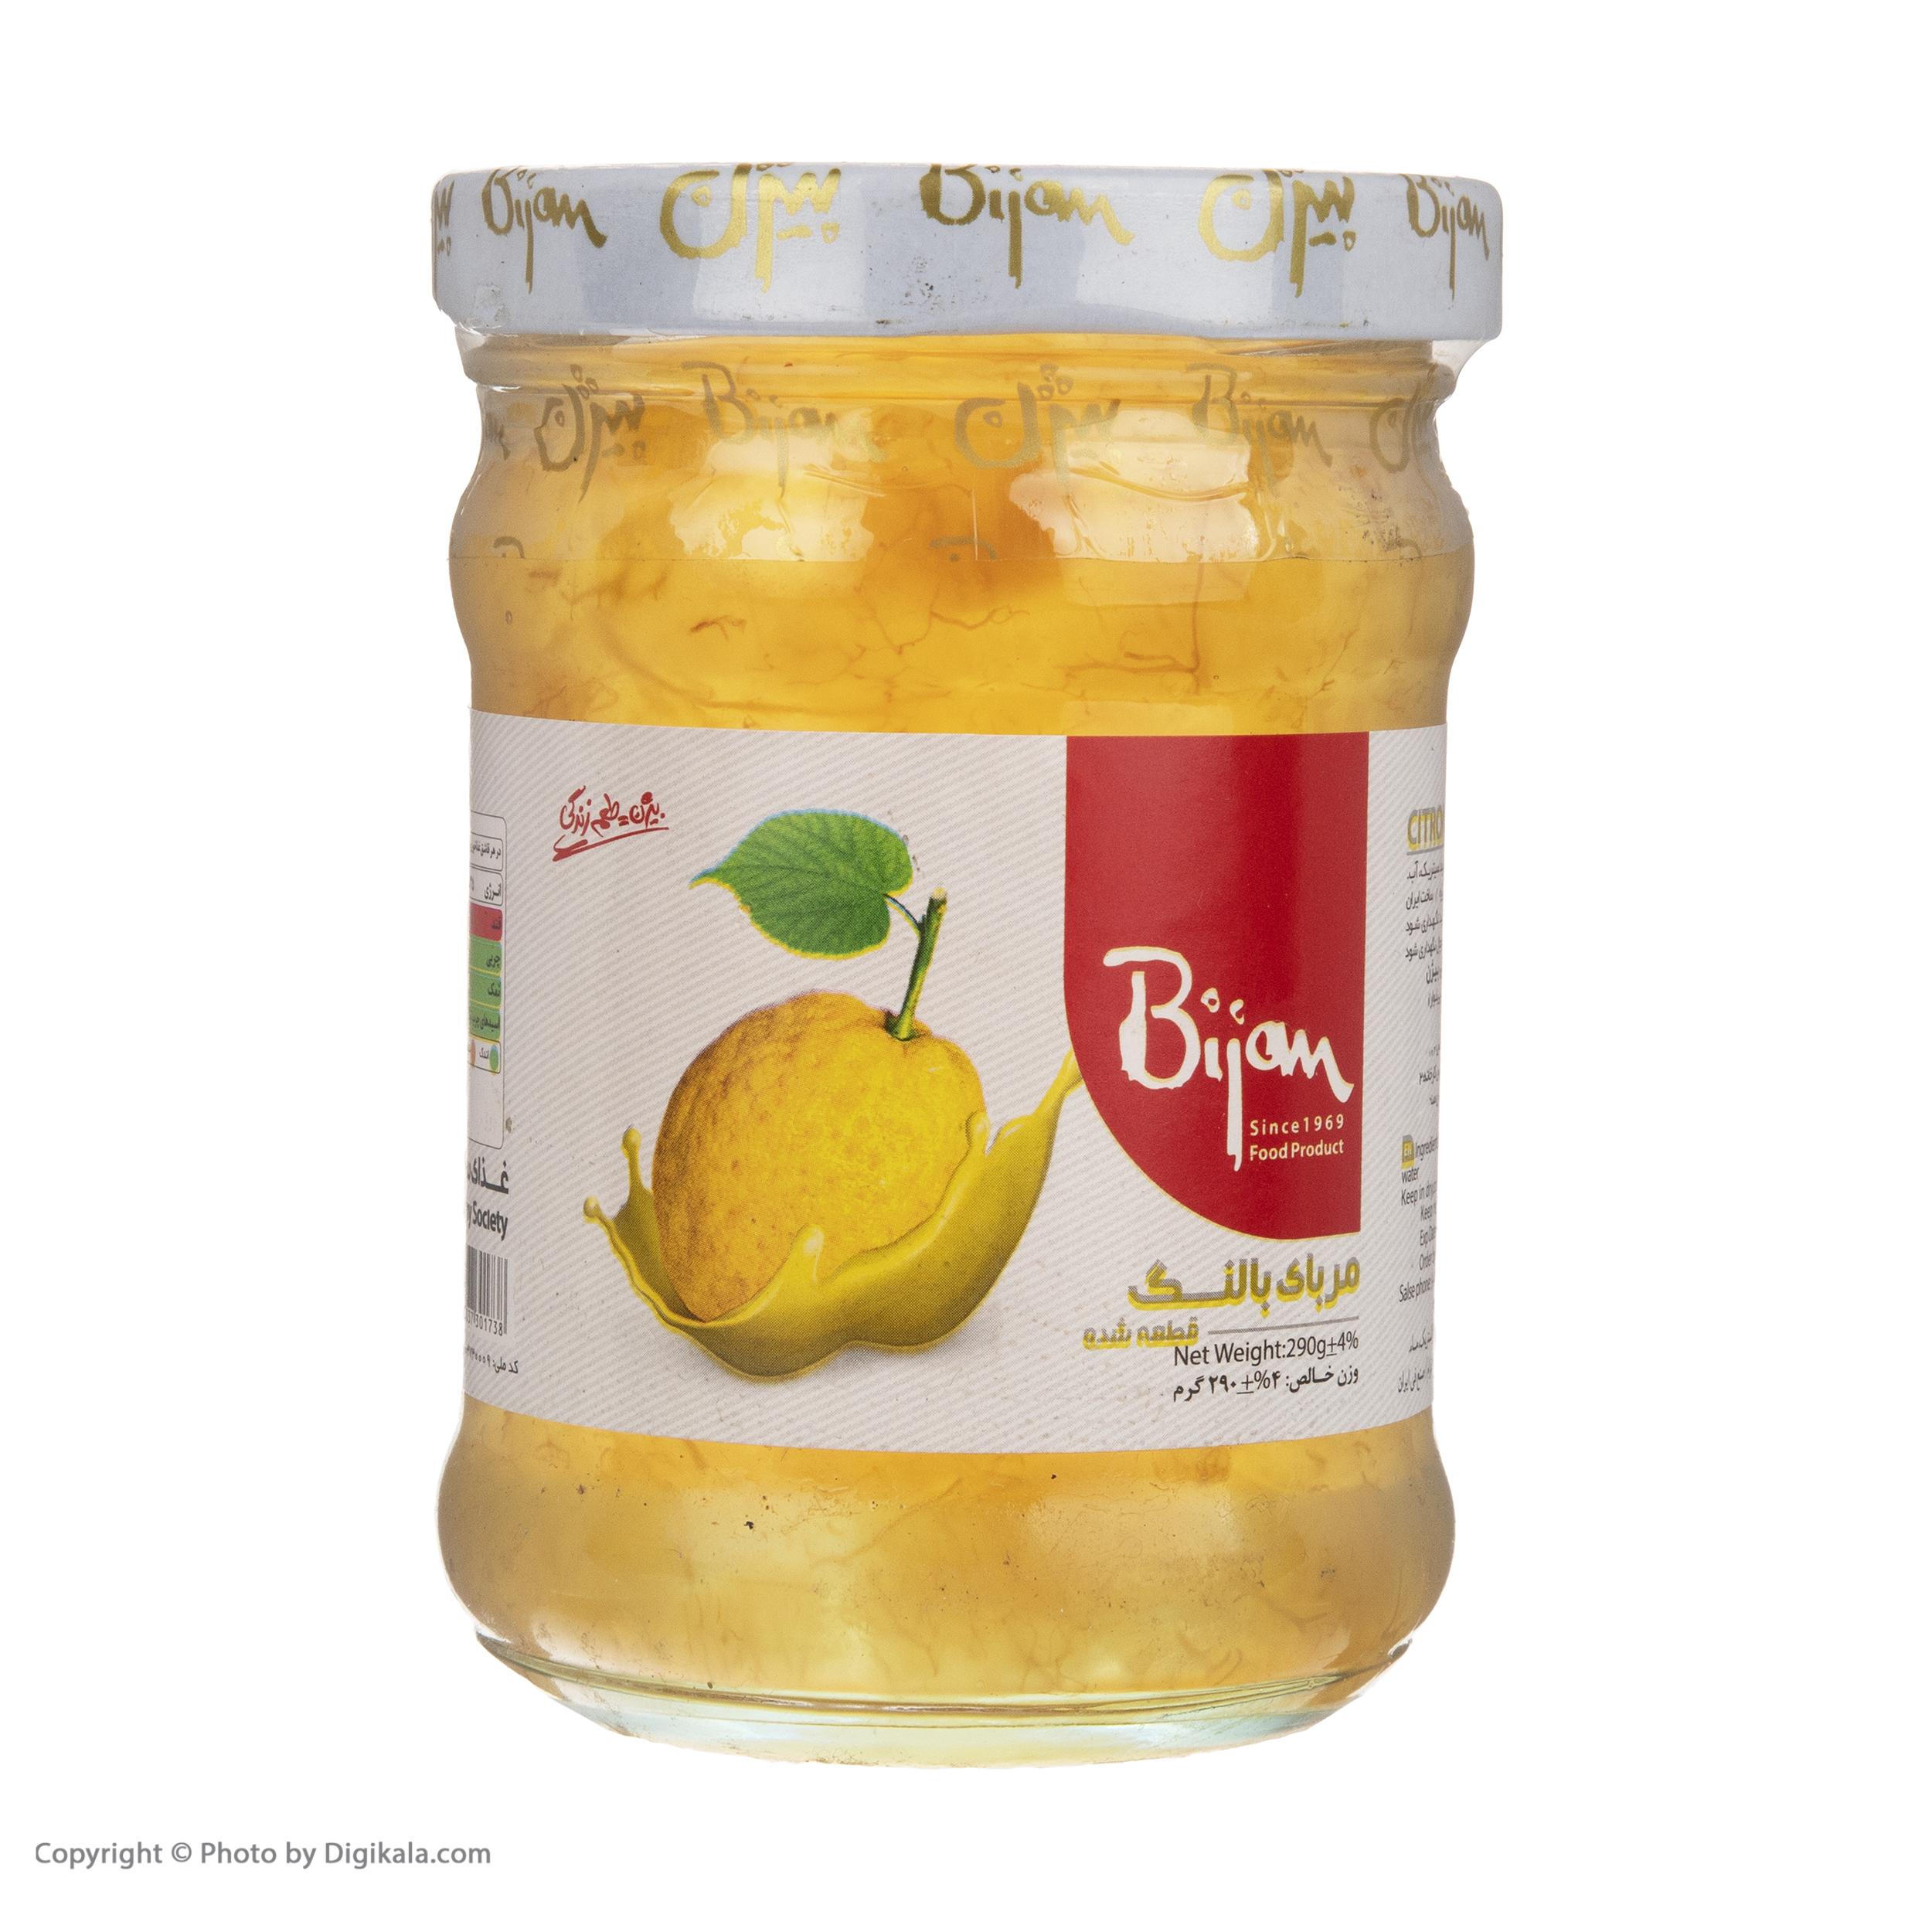 مربا بالنگ بیژن - 290 گرم main 1 1